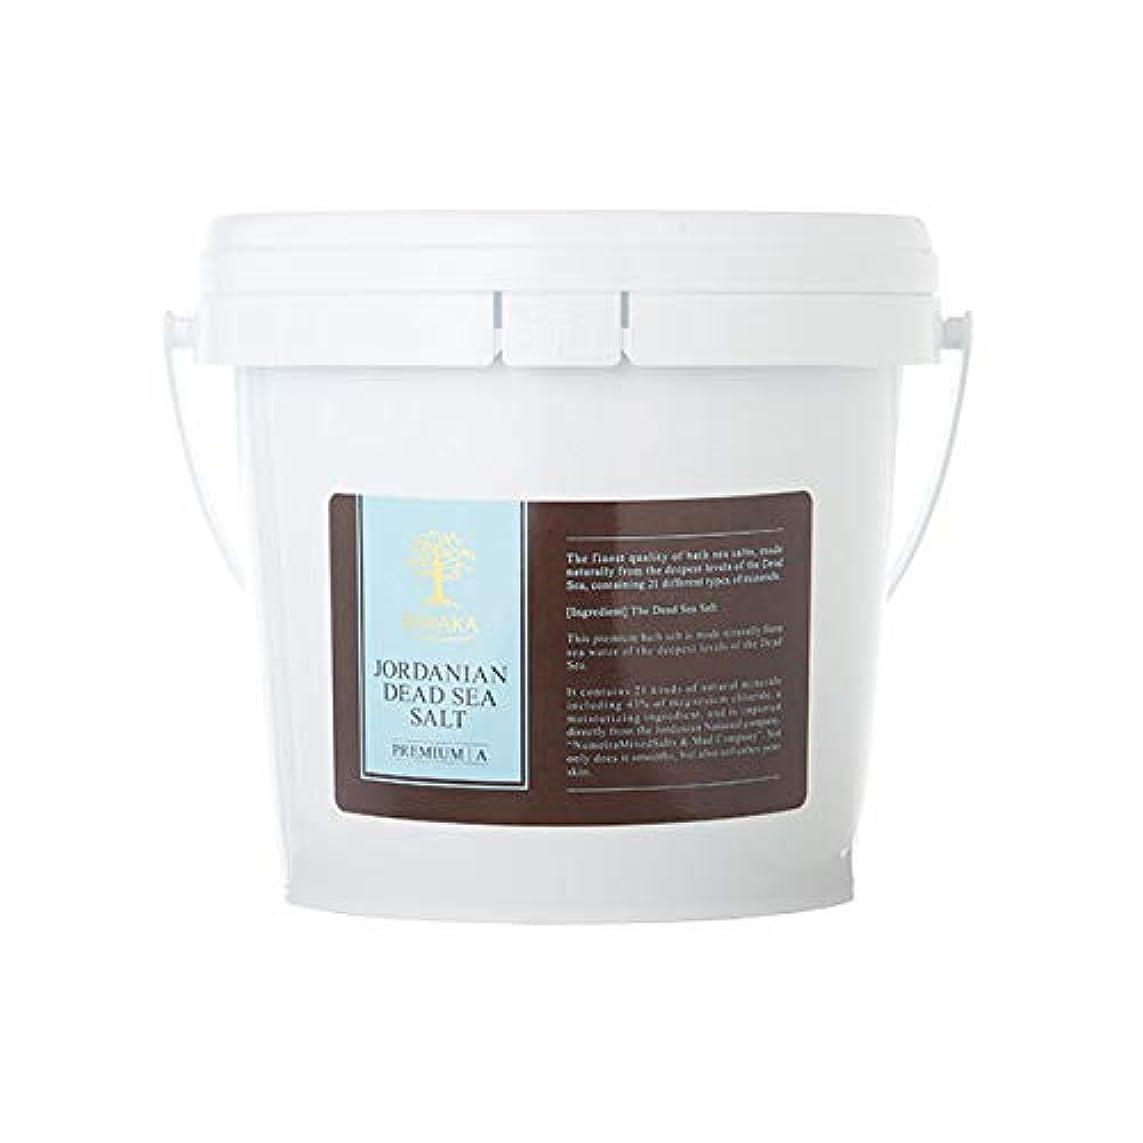 ゲートウェイ軍多分BARAKA(バラカ) ジョルダニアン デッドシー ソルト バケツ 1.5kg バスソルト 入浴剤 ヨルダン産死海塩100%